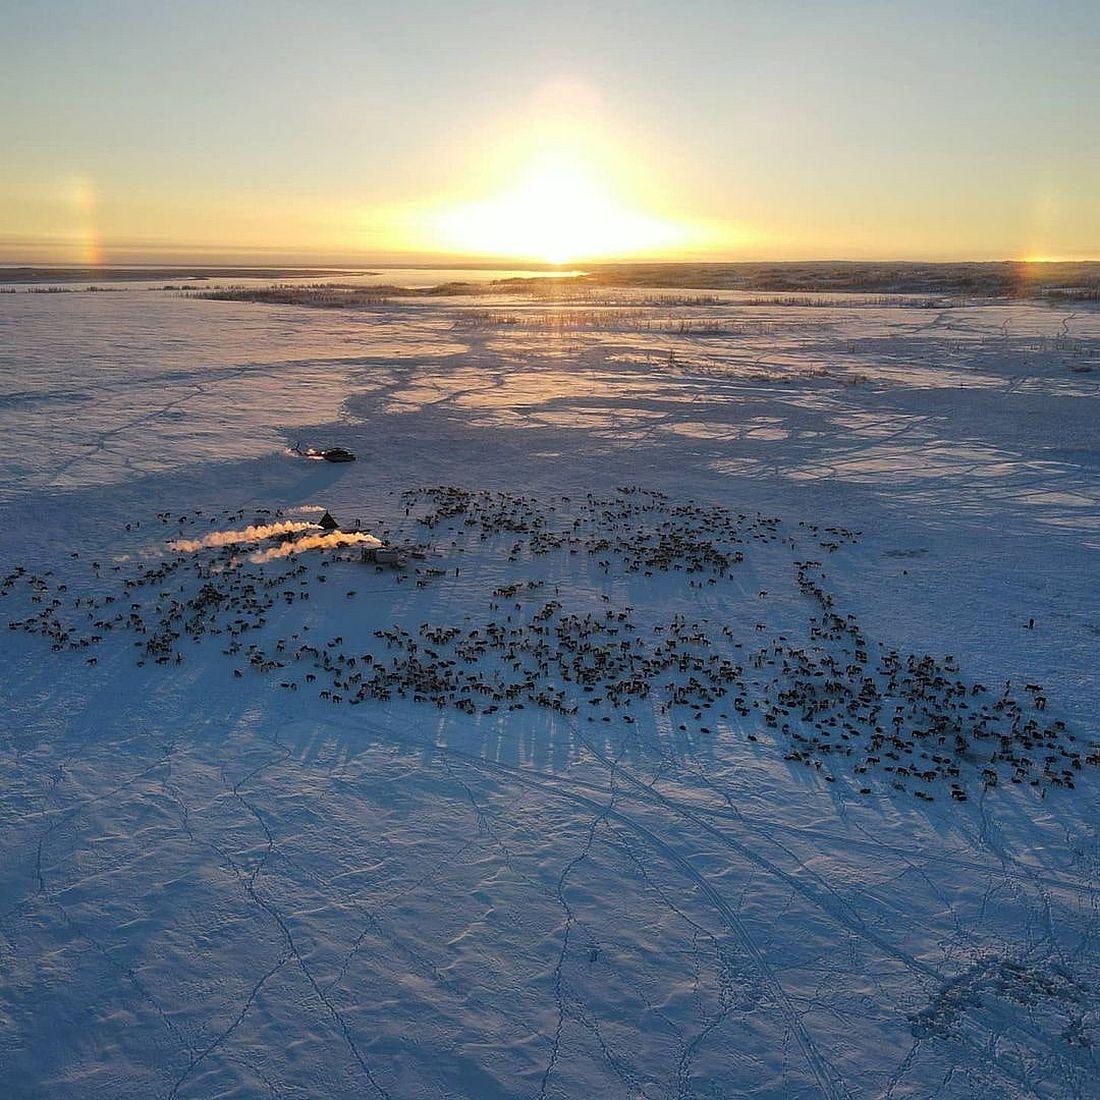 Таймыр остается одним из самых привлекательных мест для зимнего туризма в России